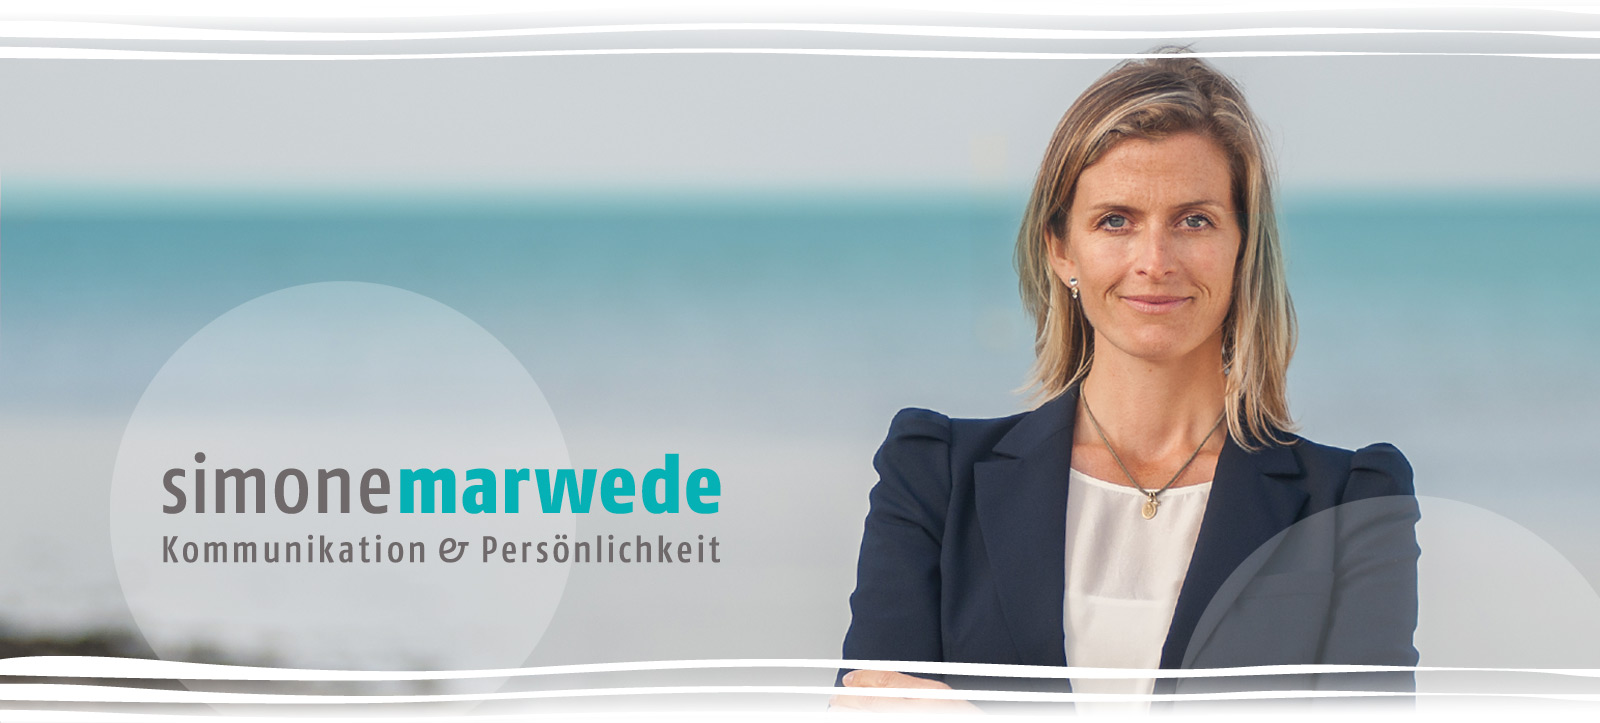 images-simone-marwede-titelbild-nr4